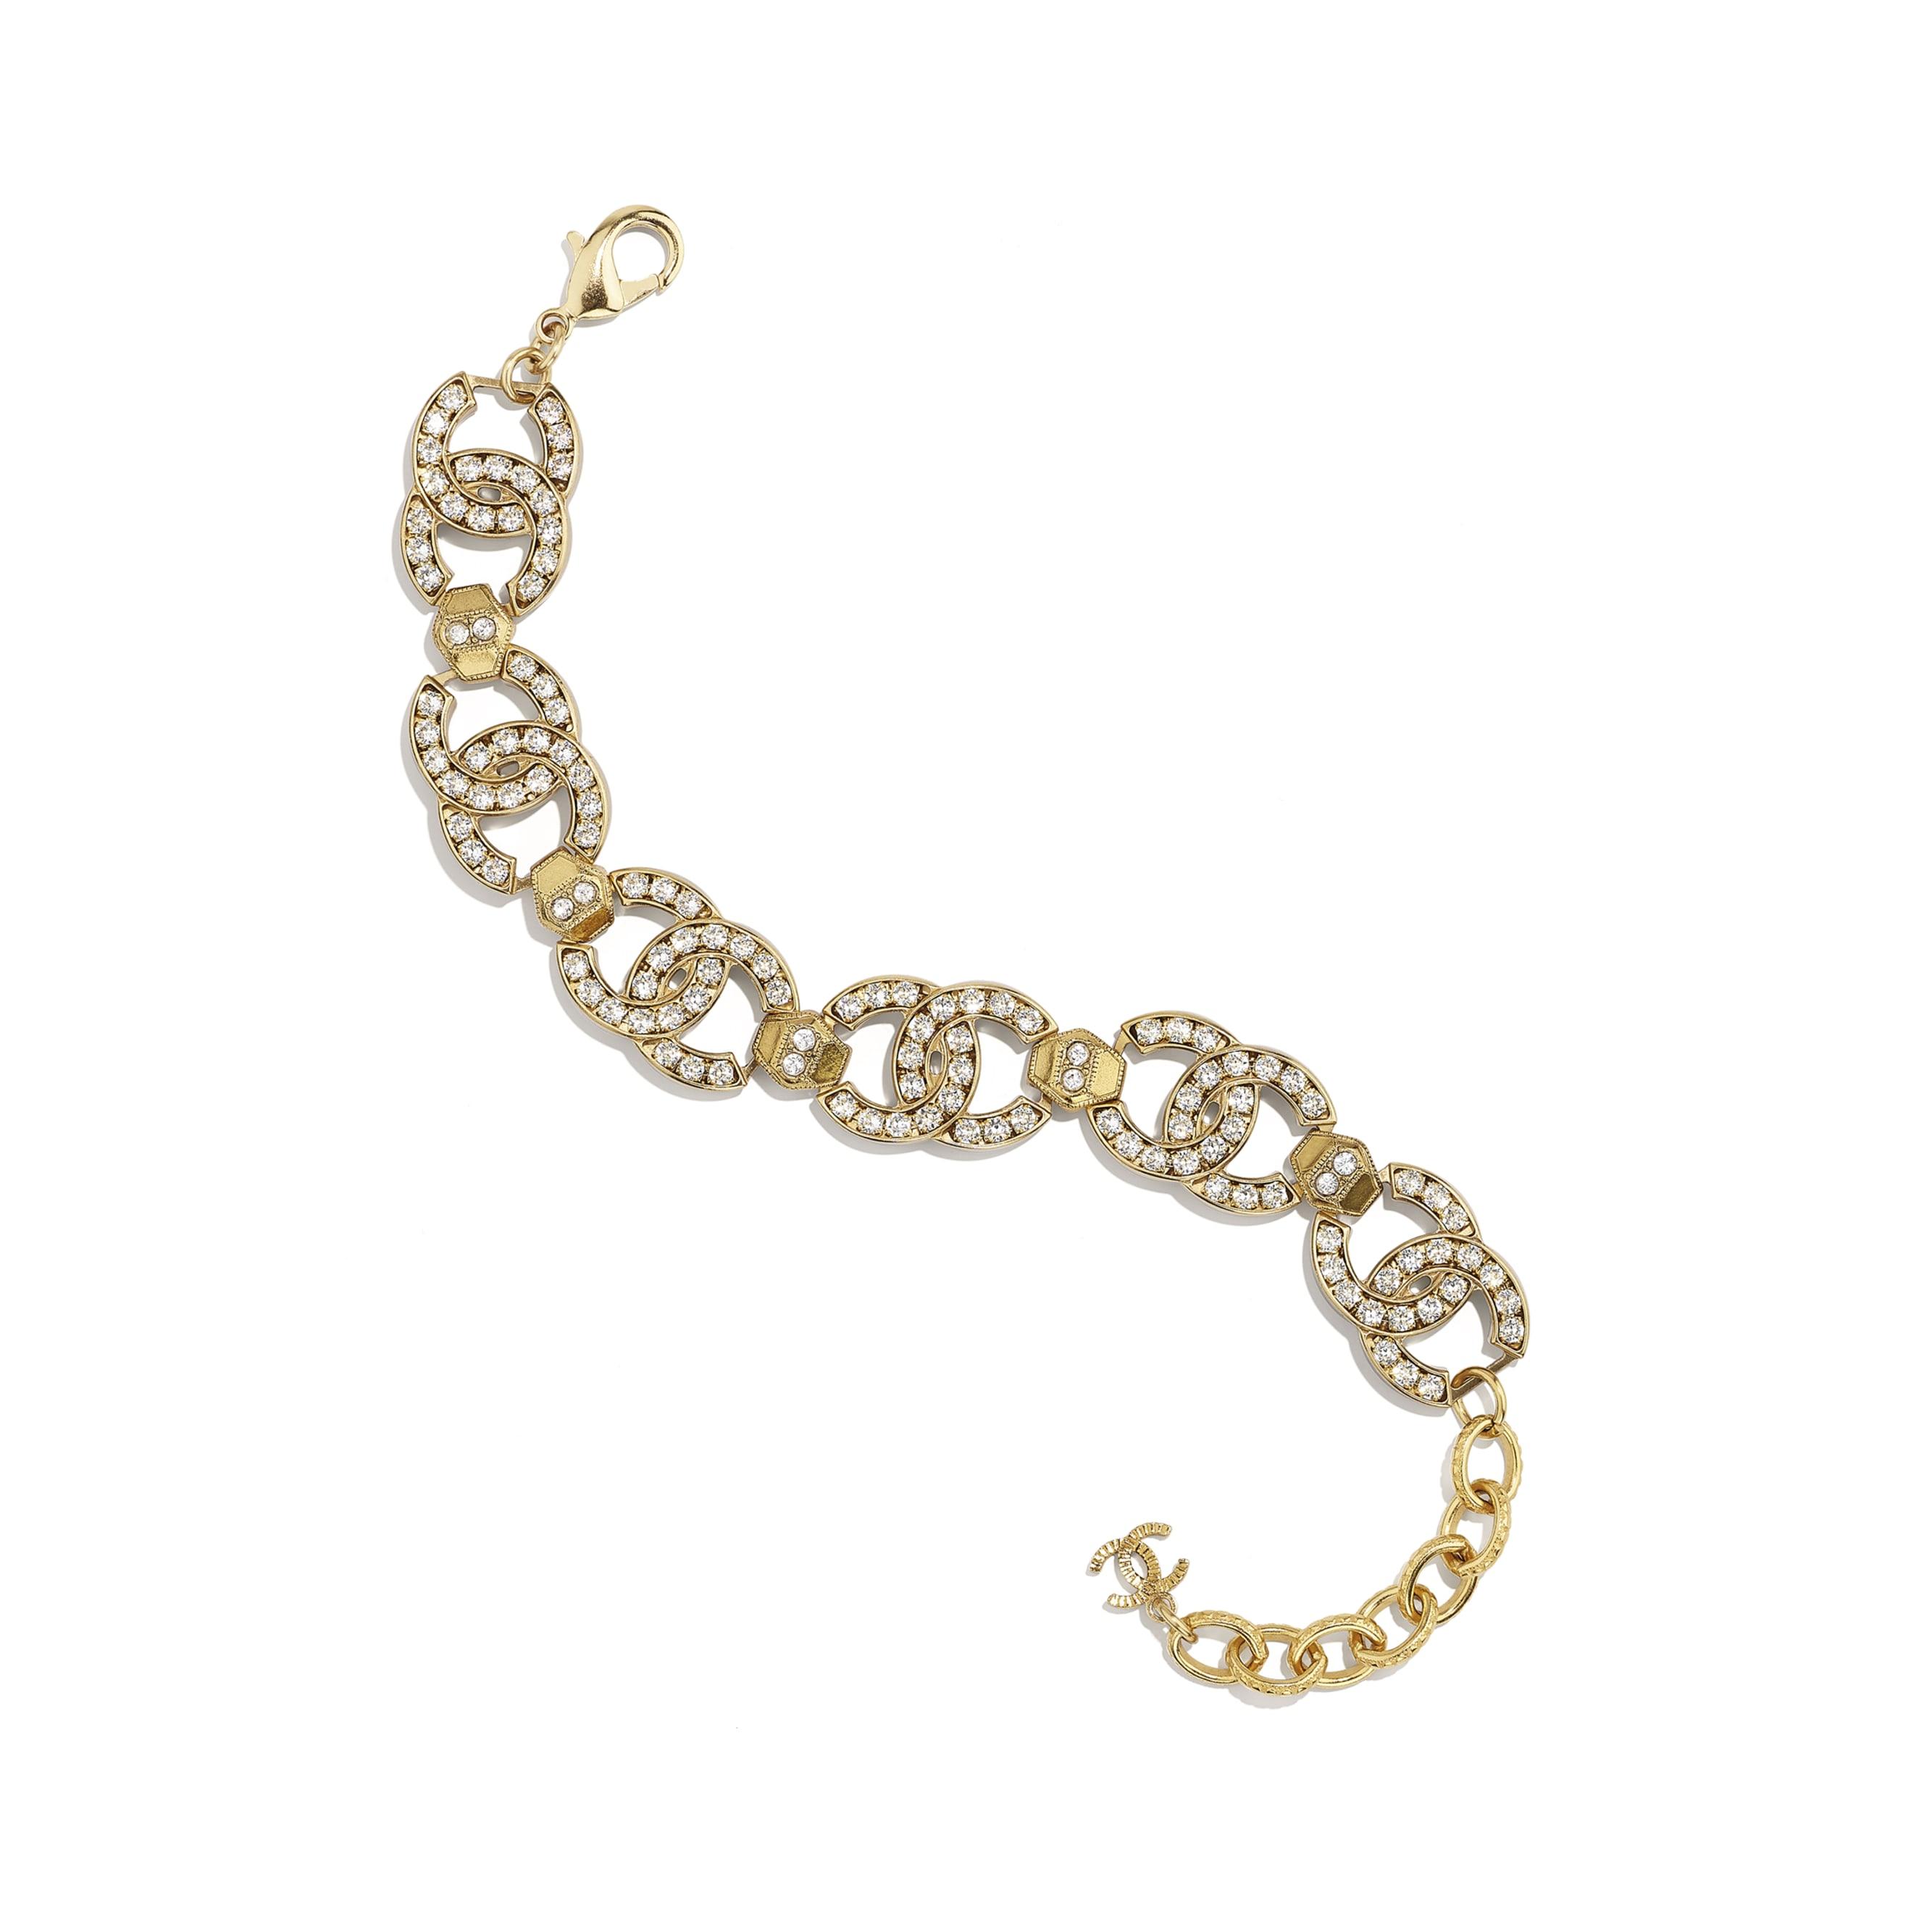 Bracciale - Oro & cristallo - Metallo & strass - CHANEL - Immagine predefinita - vedere versione standard